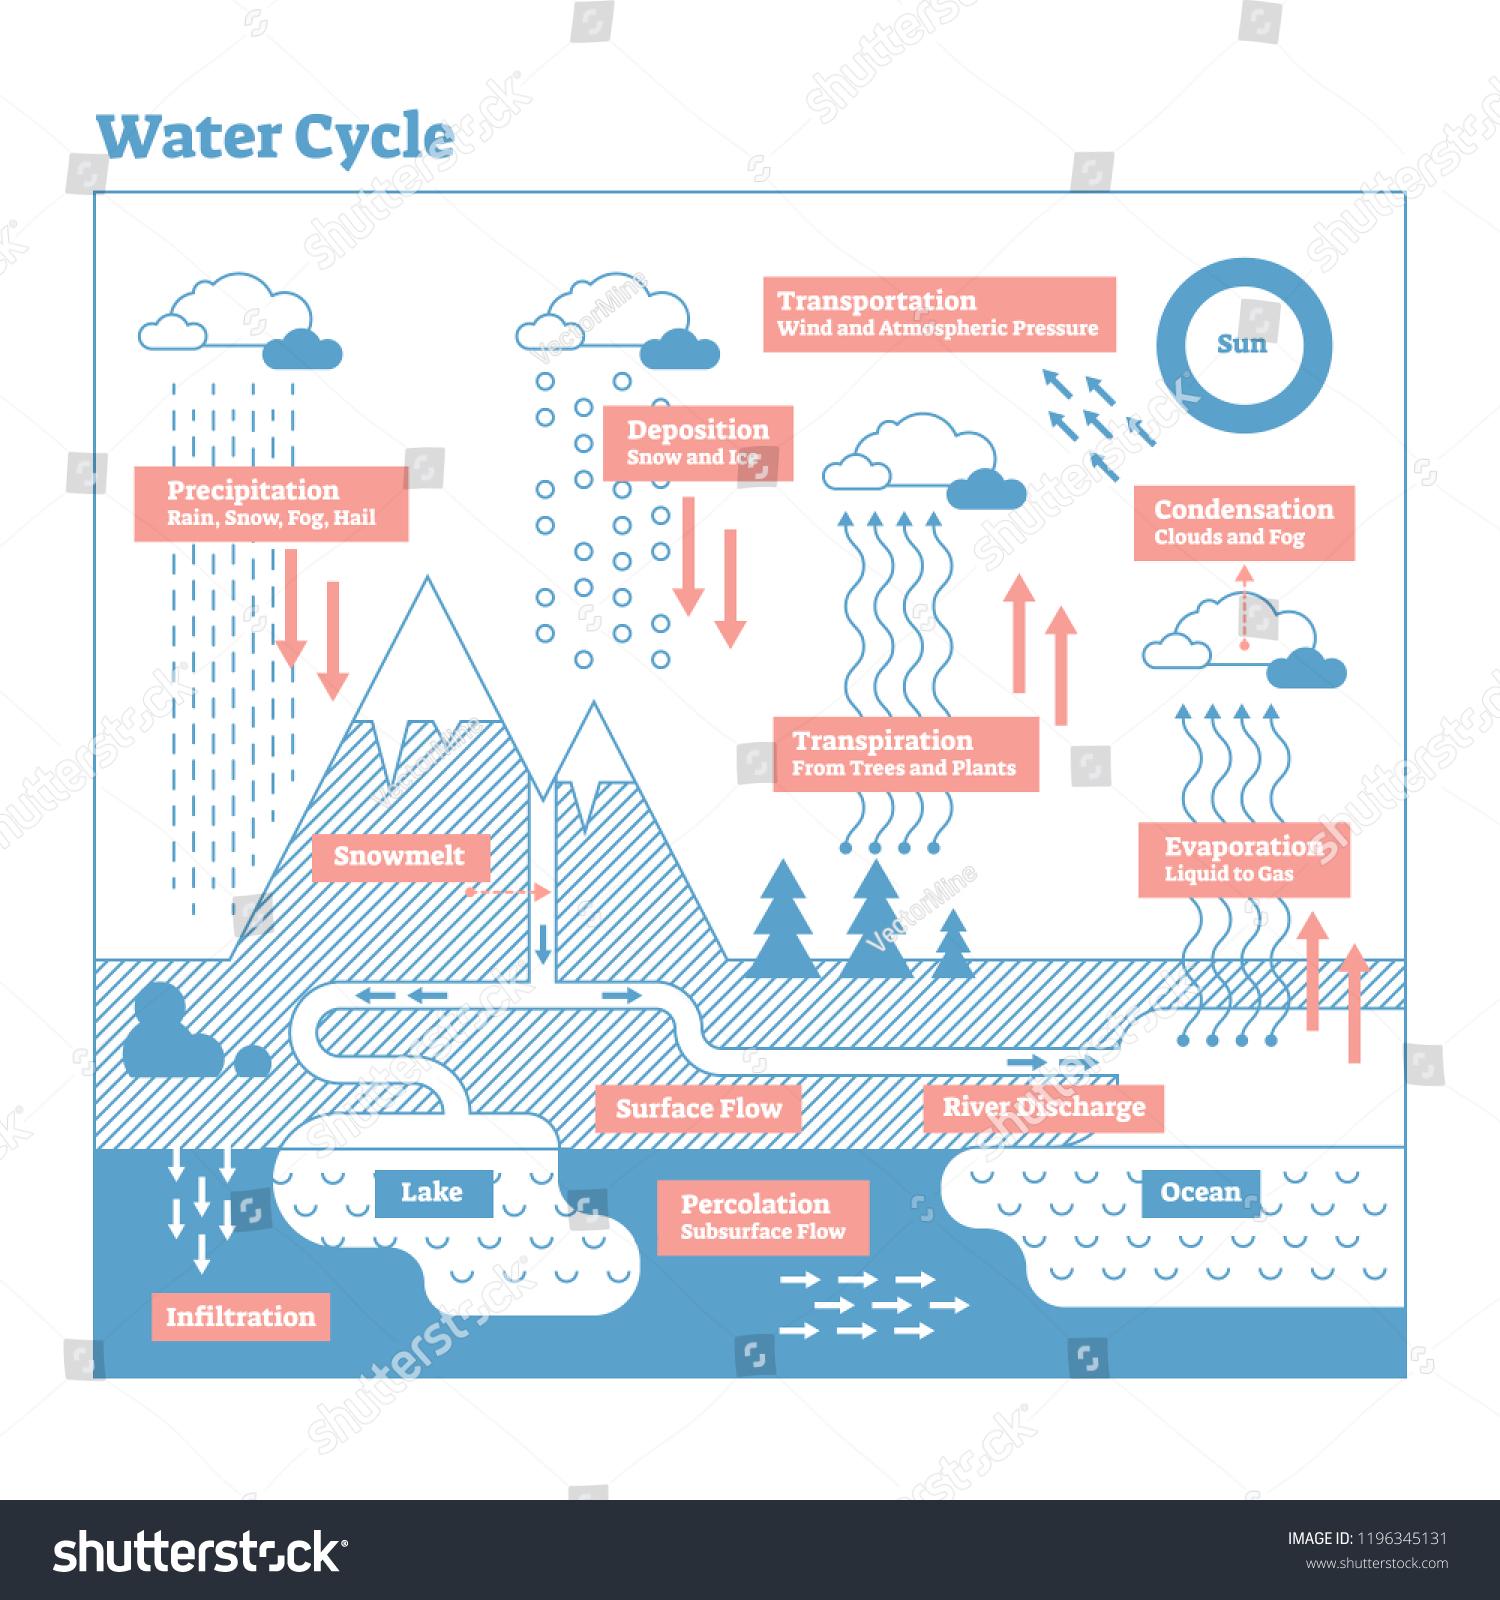 Evaporation Diagram